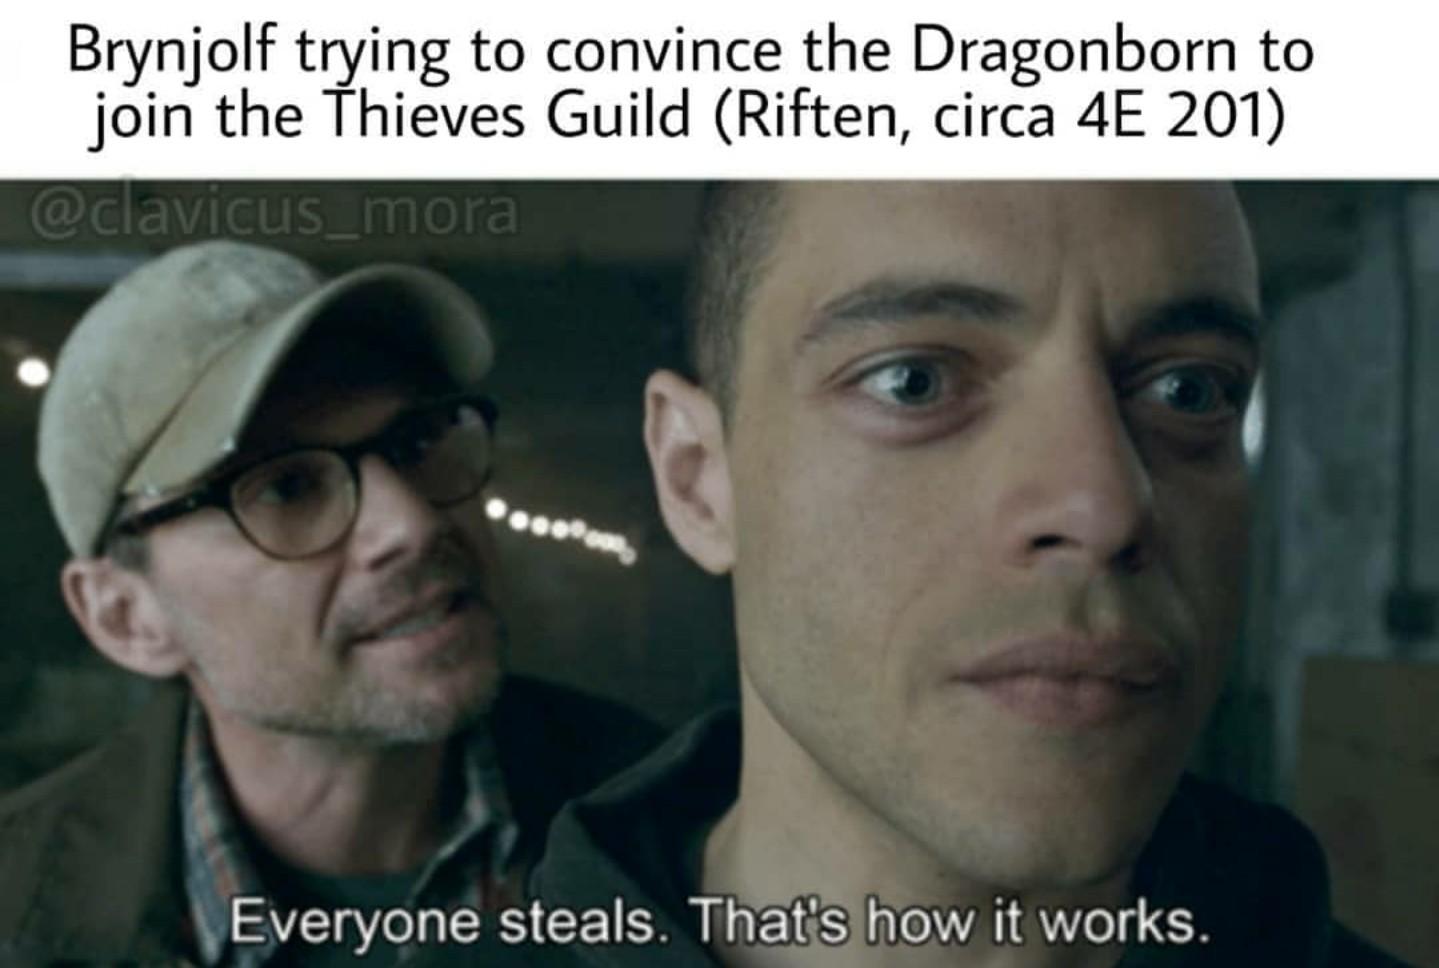 I ain't no thief - meme